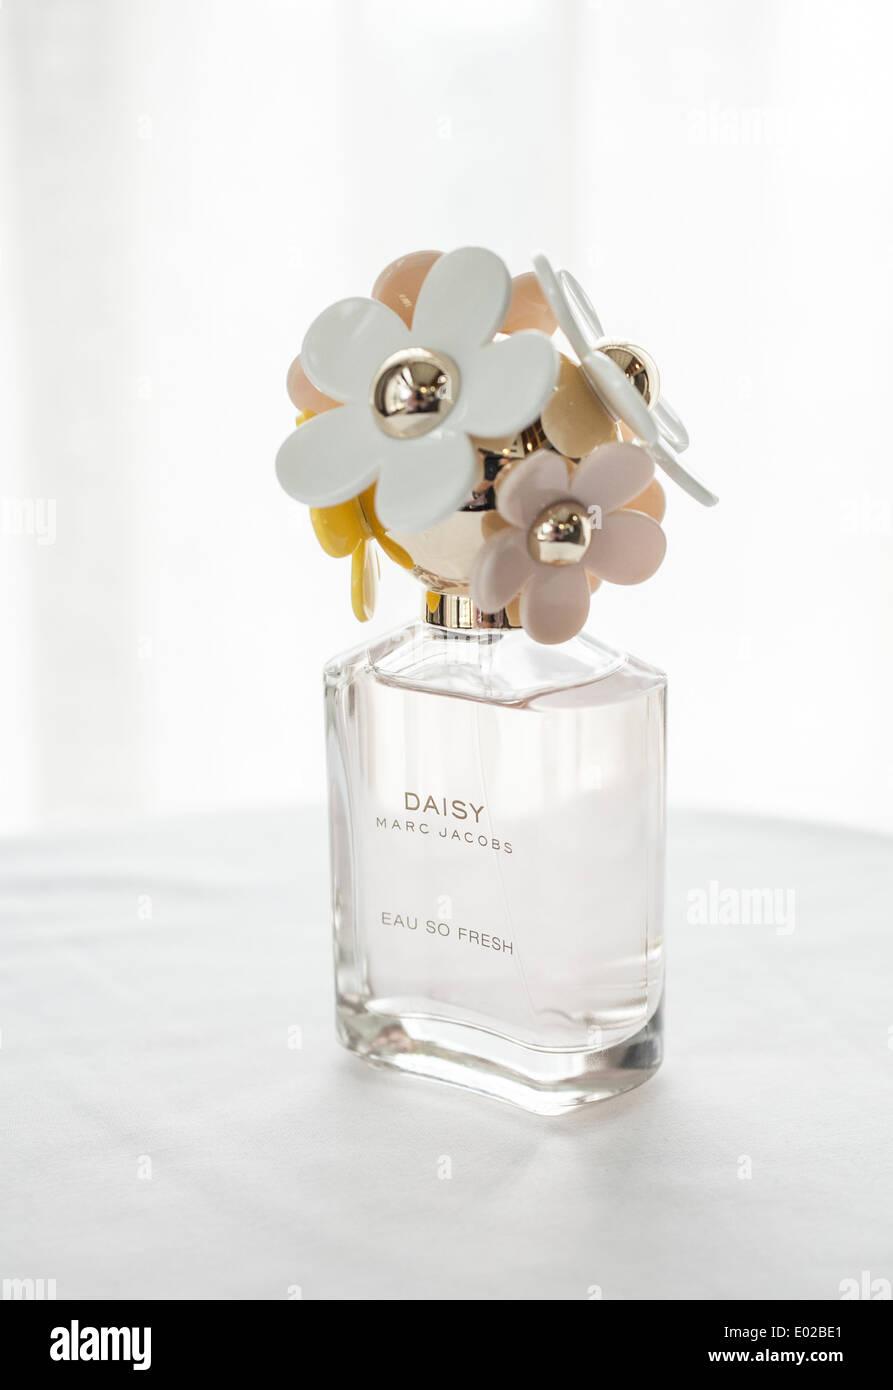 Daisy perfume stock photos daisy perfume stock images alamy daisy perfume by marc jacobs stock image izmirmasajfo